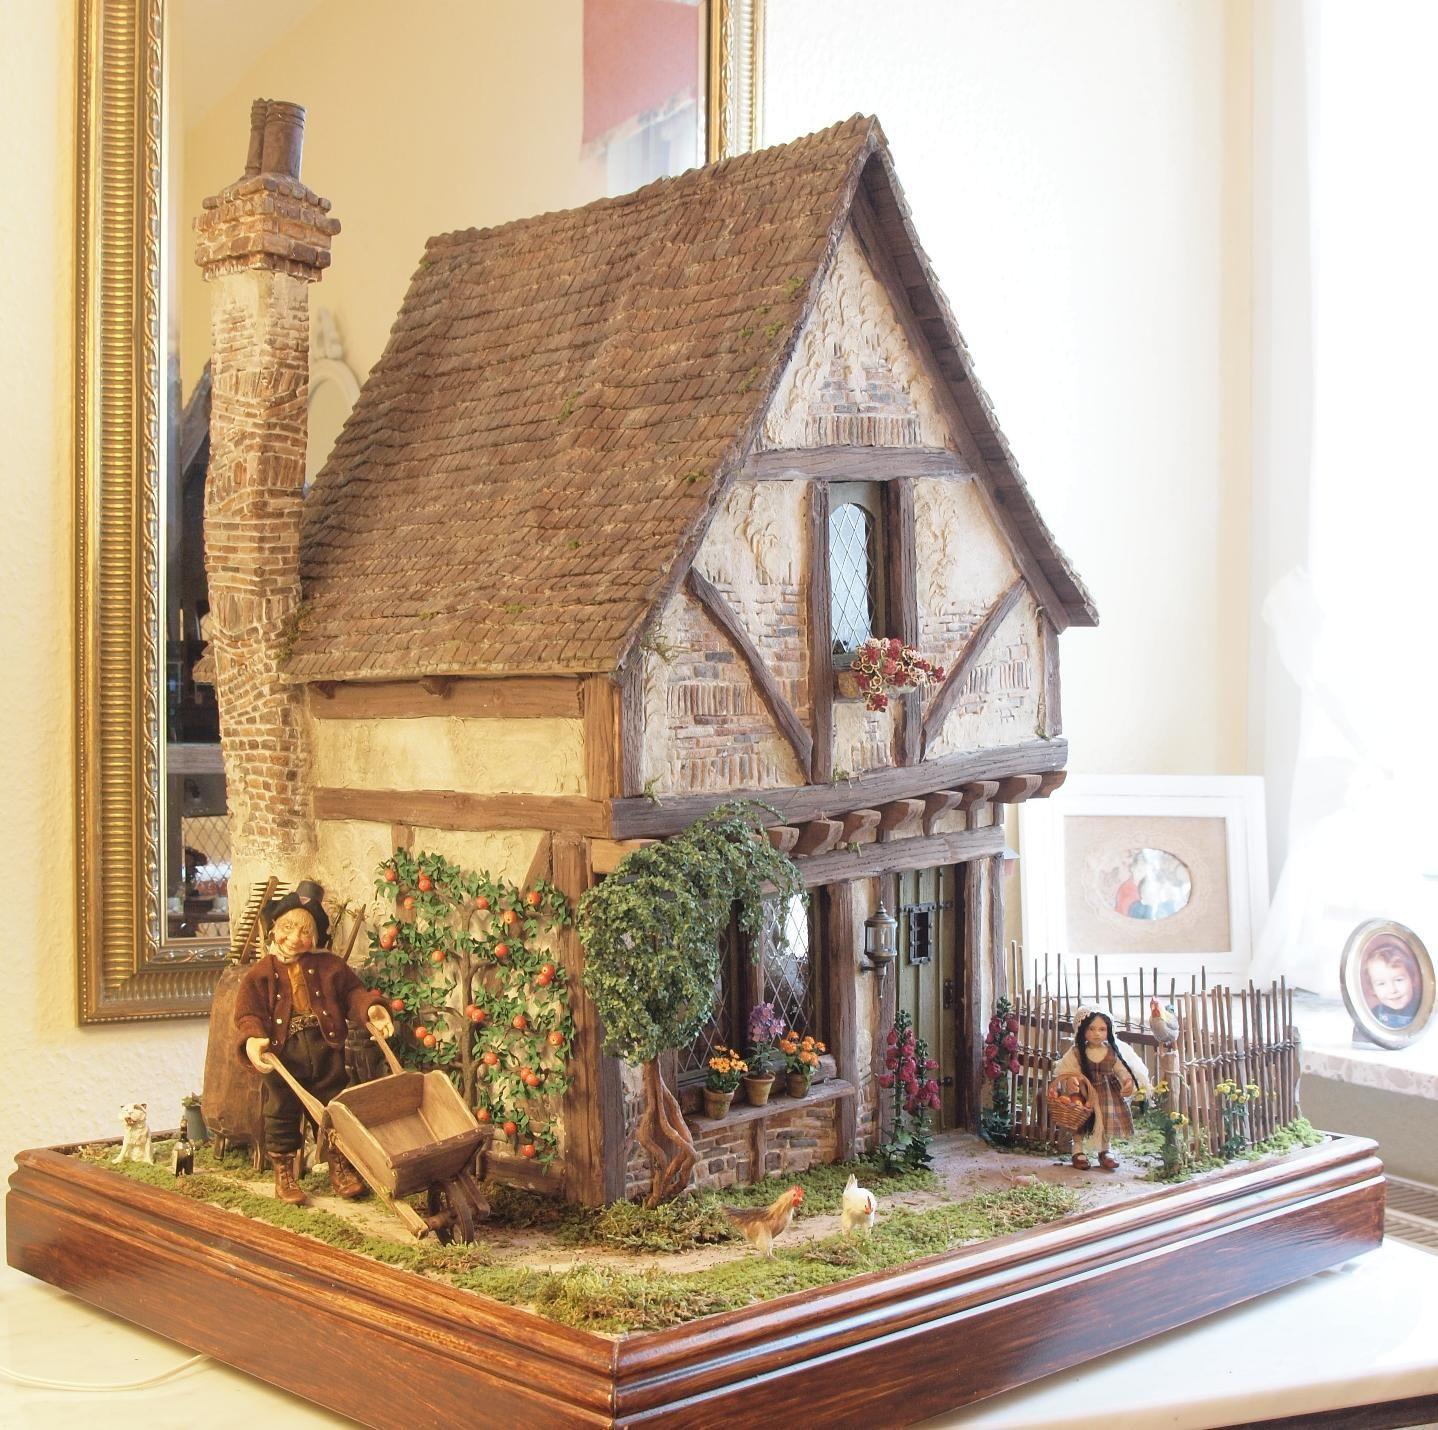 karin caspar modellh user pinterest puppenstube puppentheater und weihnachtsbasteleien. Black Bedroom Furniture Sets. Home Design Ideas